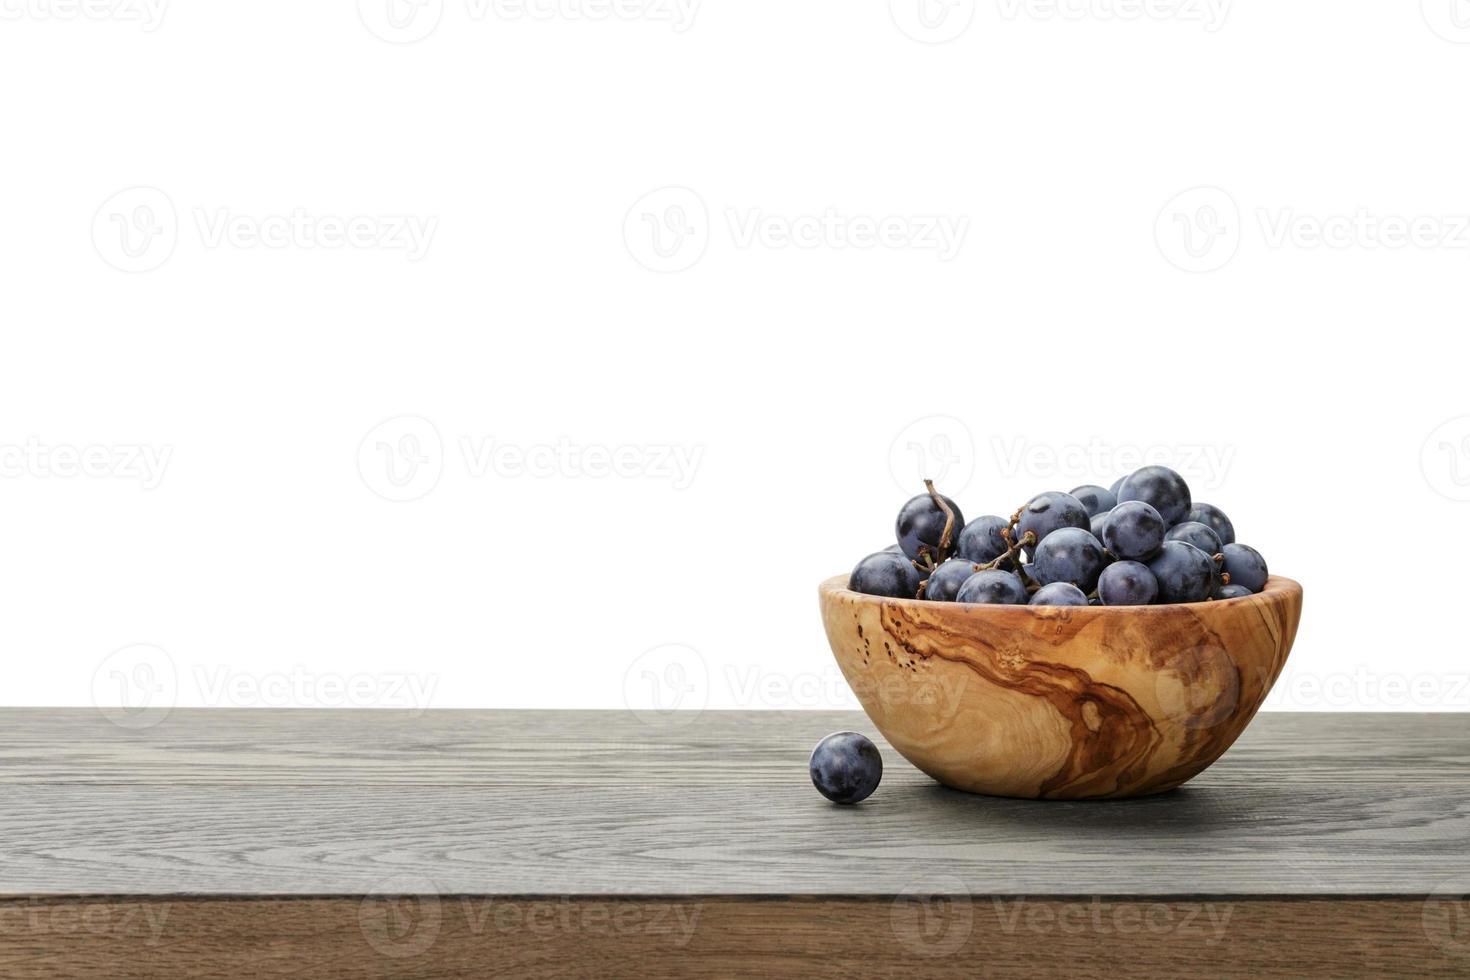 isabella uvas en un tazón de madera en la mesa, composición de borde foto